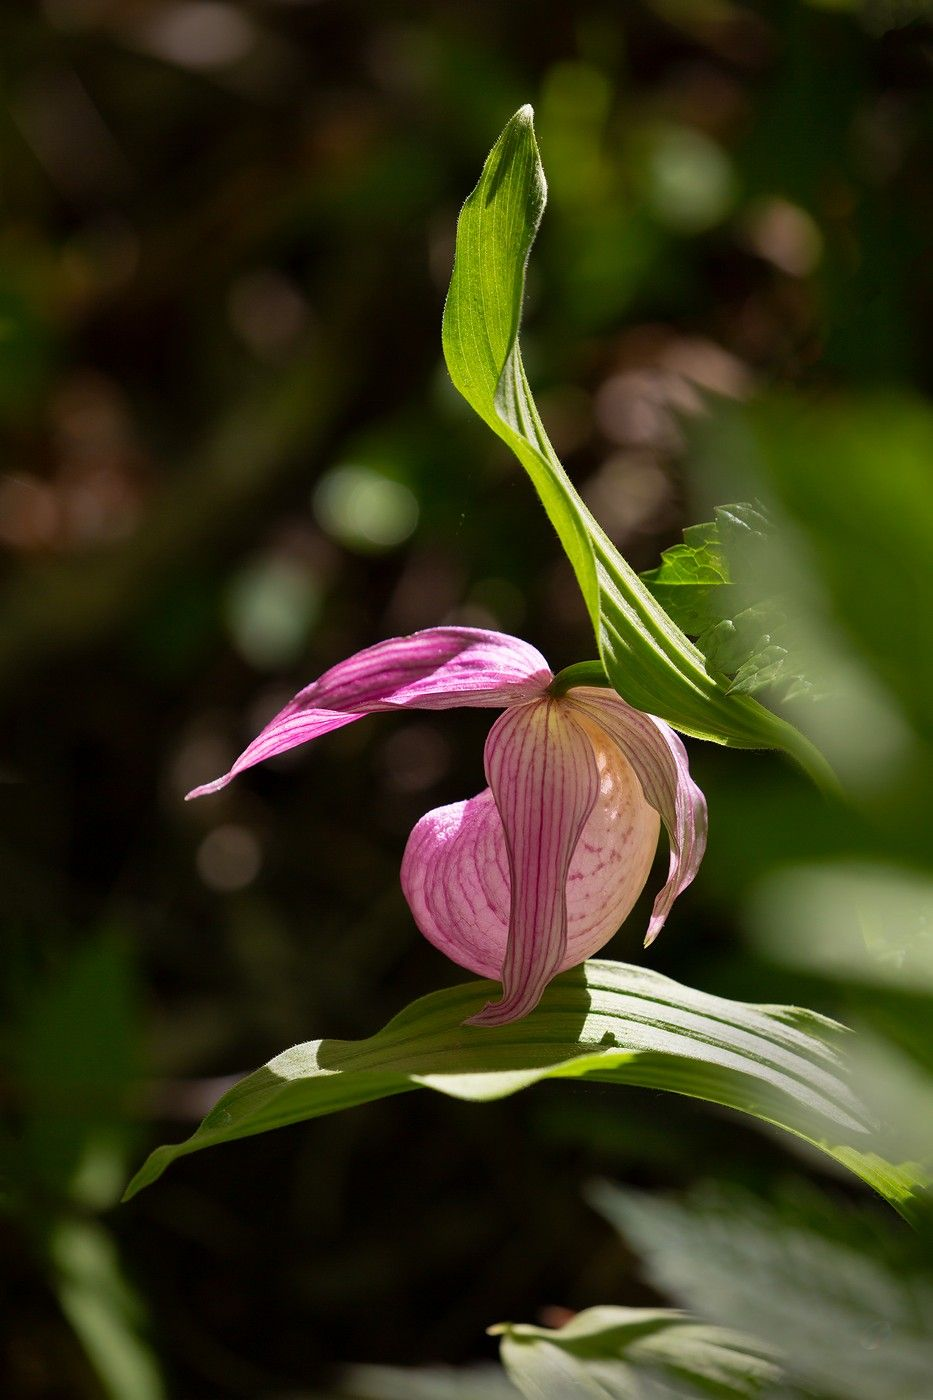 Башмачок башмачок крупноцветковый Владивосток остров русский май